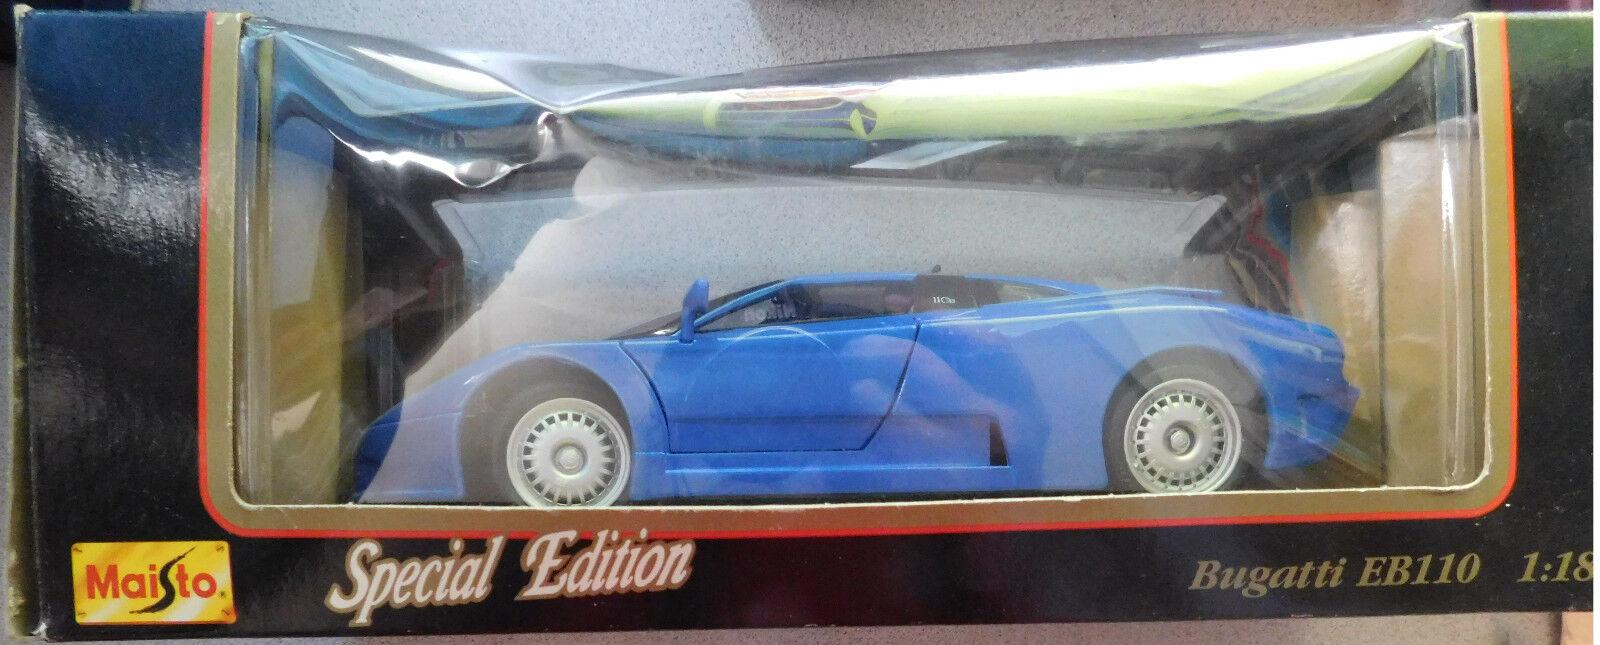 Maisto 1992 Bugatti EB110 Die Cast 1 18 Scale Scale Model Special Edition